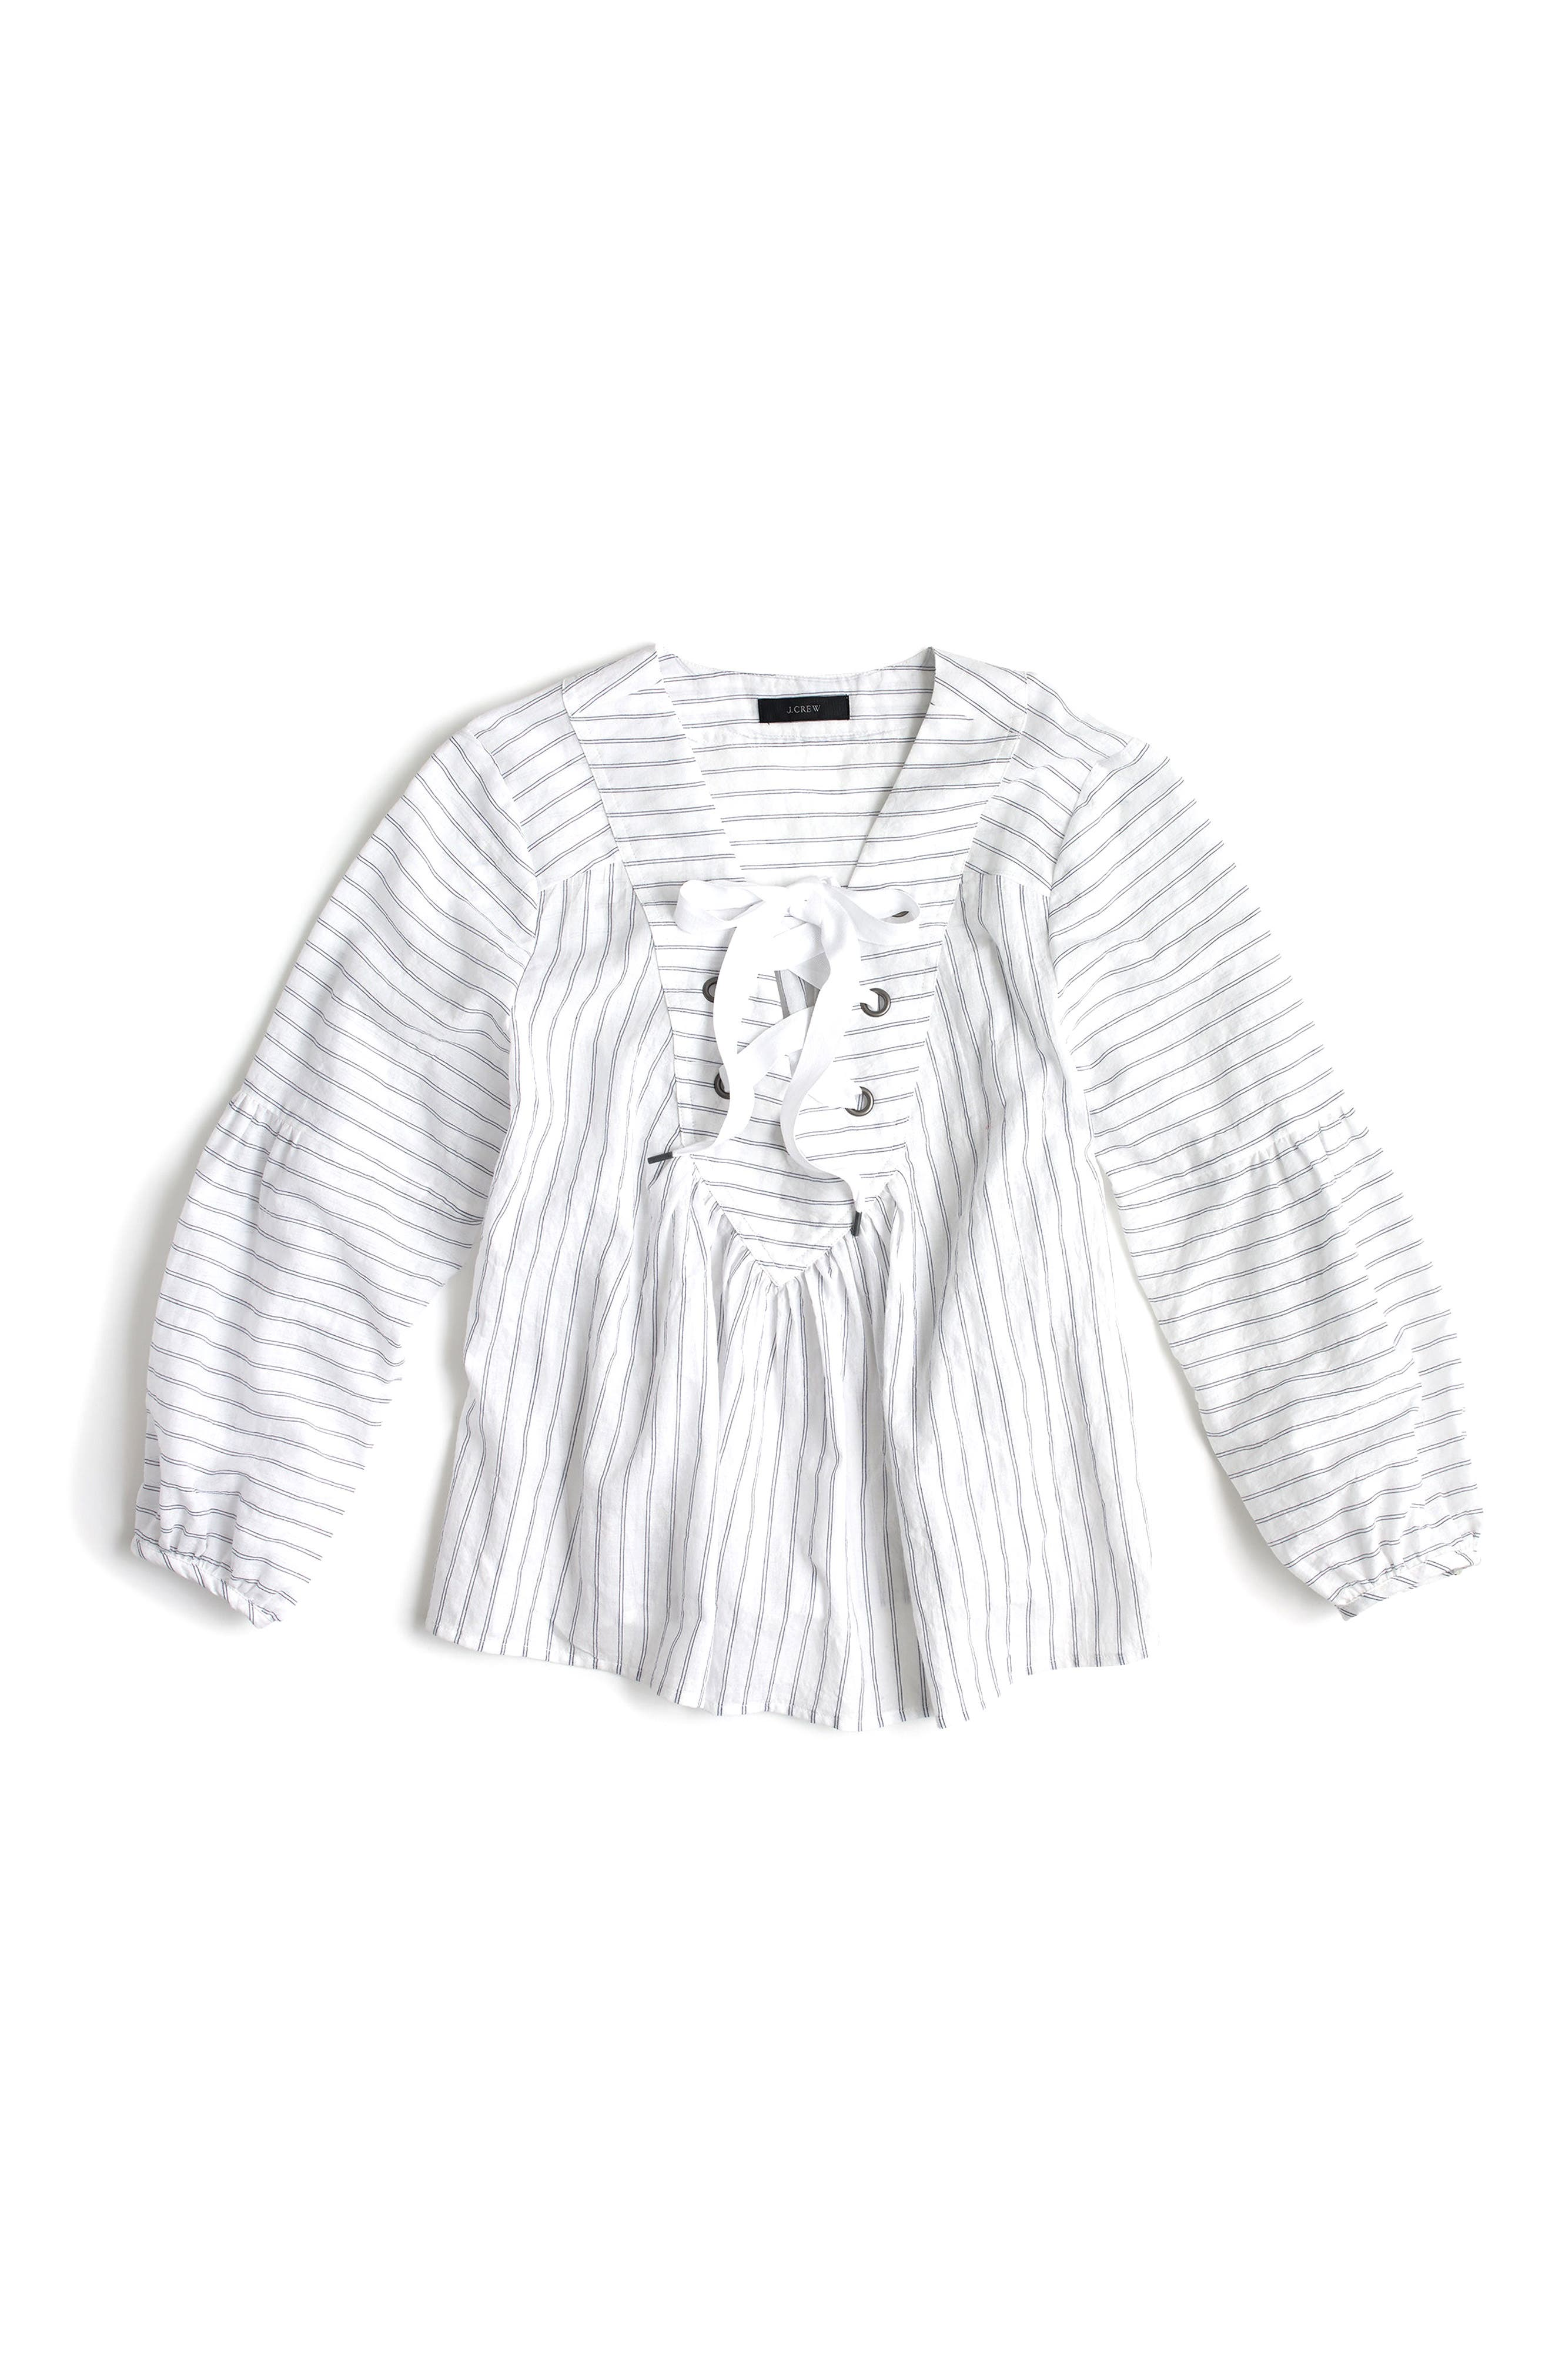 Lace-Up Stripe Cotton Top,                             Alternate thumbnail 3, color,                             White/ Blue